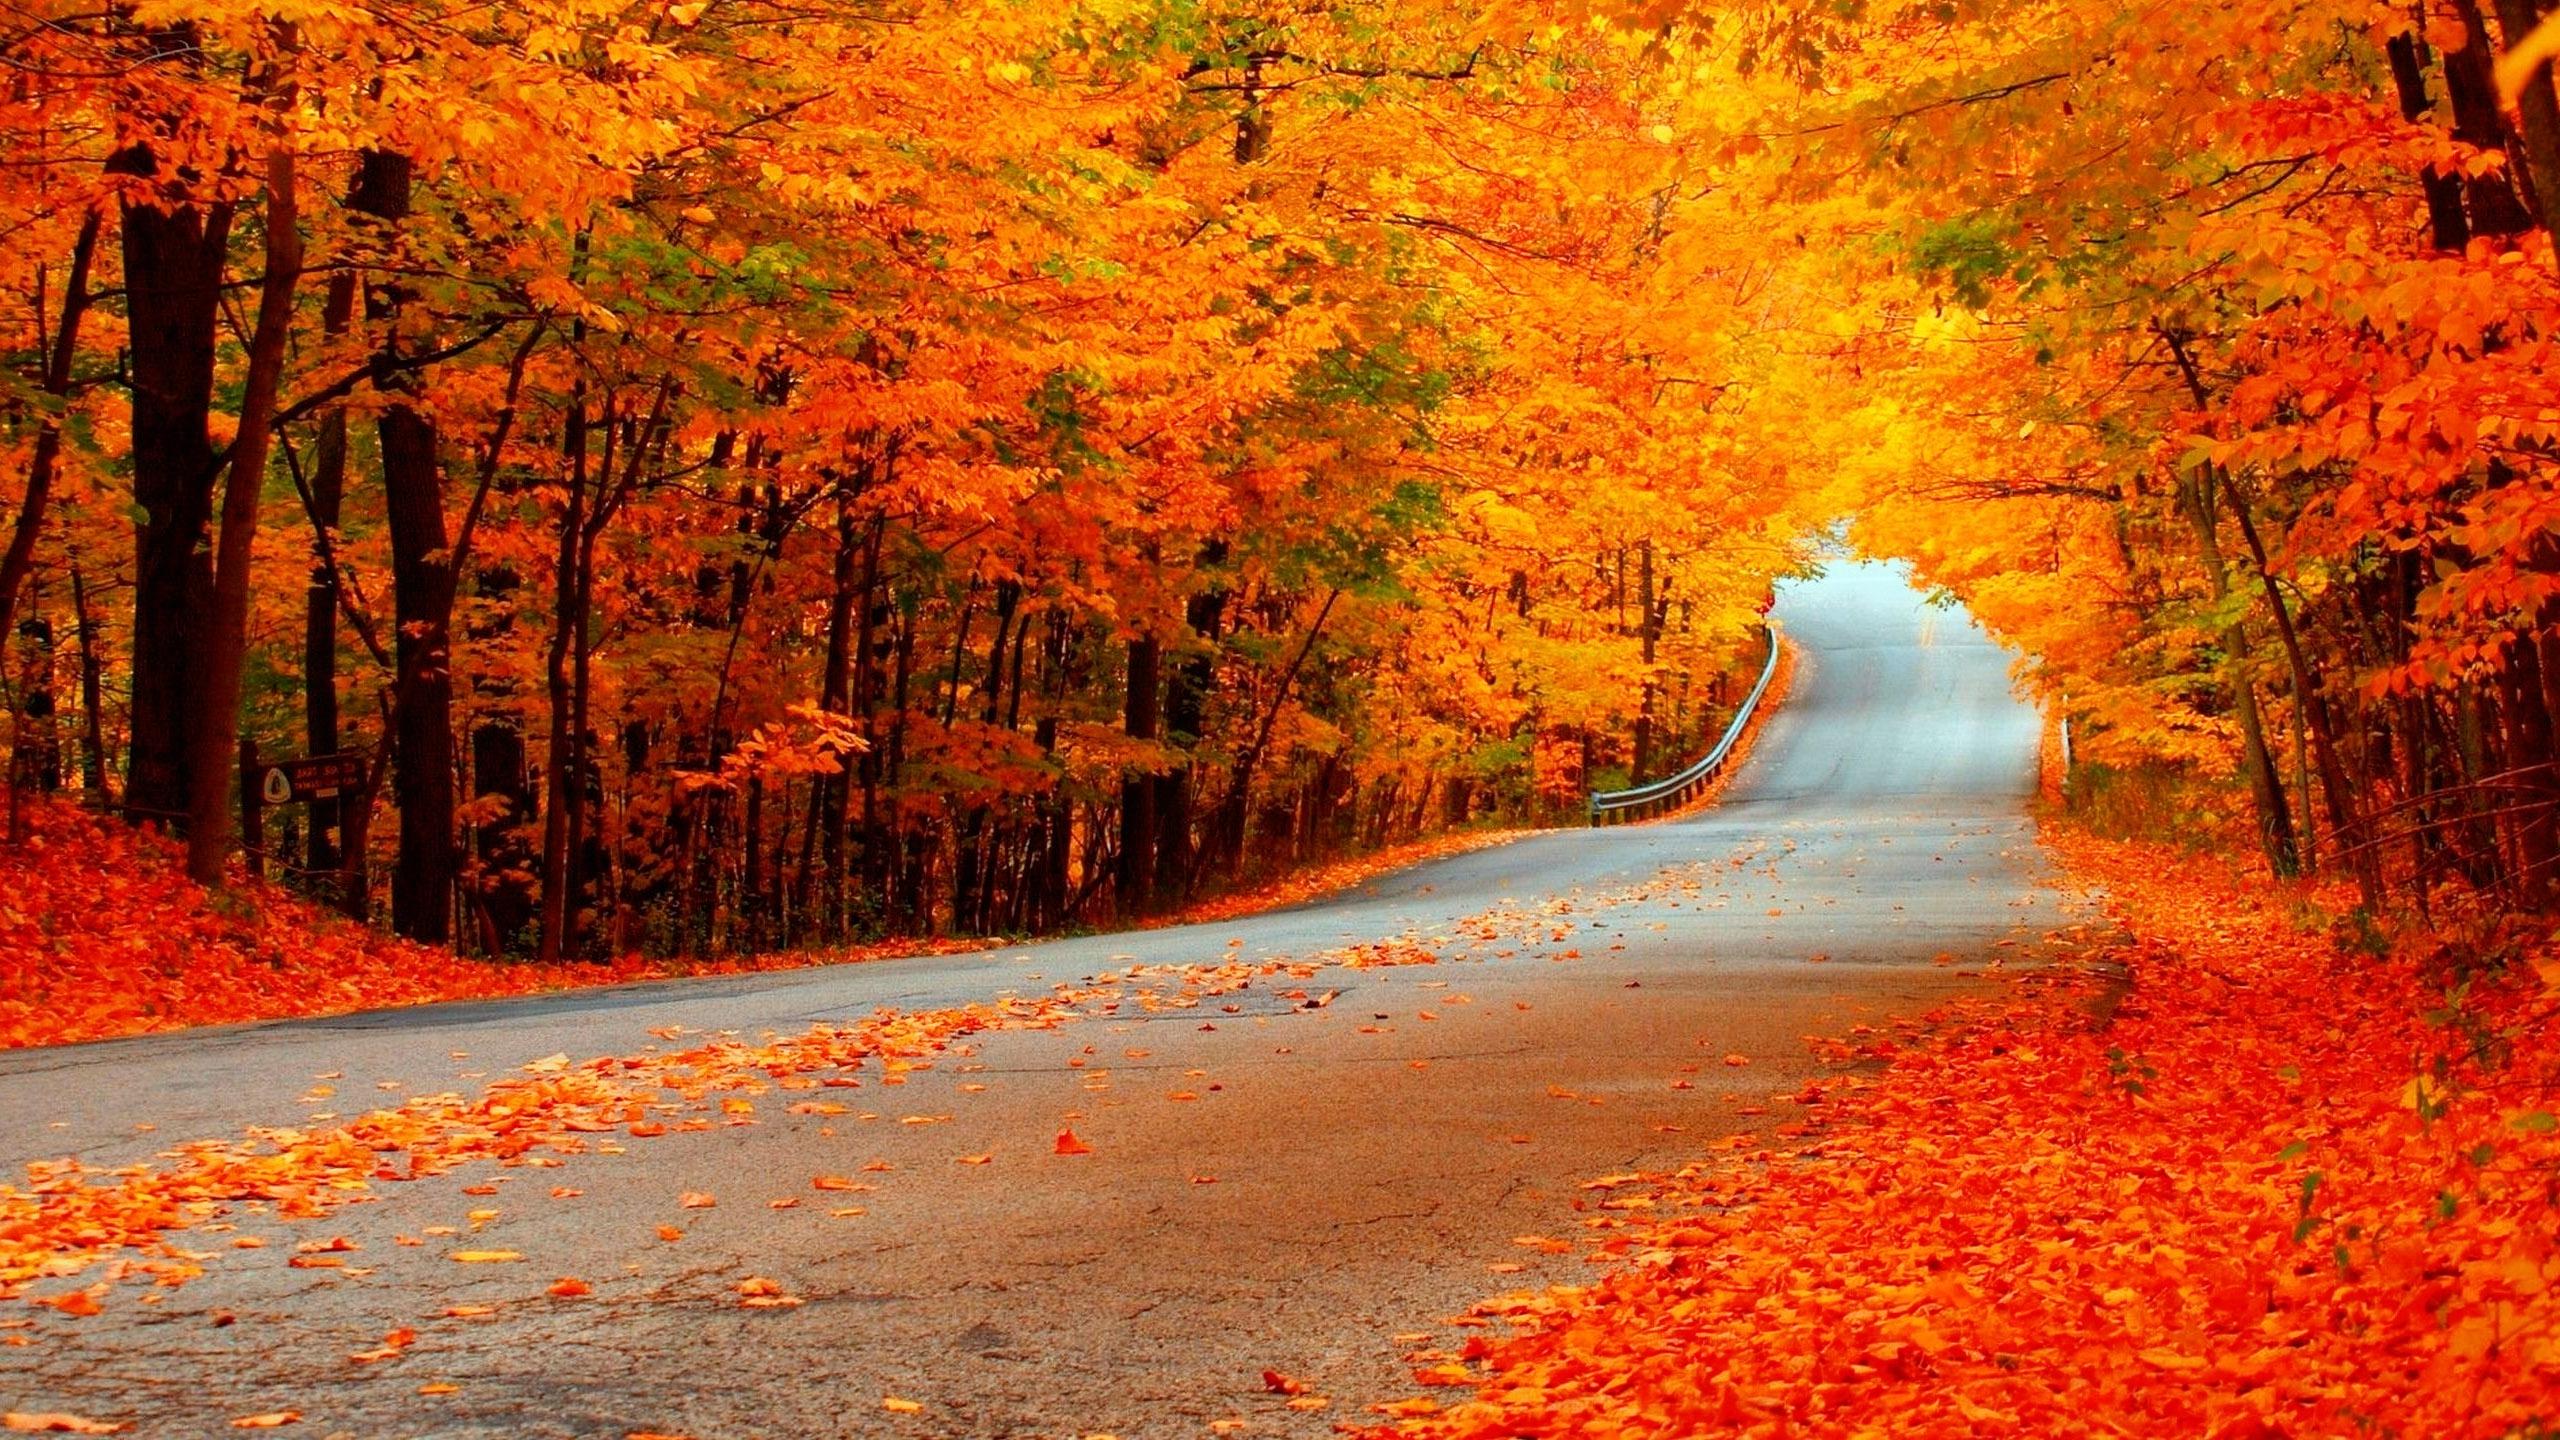 Free Download Fall Wallpaper Hd Fond Ecran Hd 2560x1440